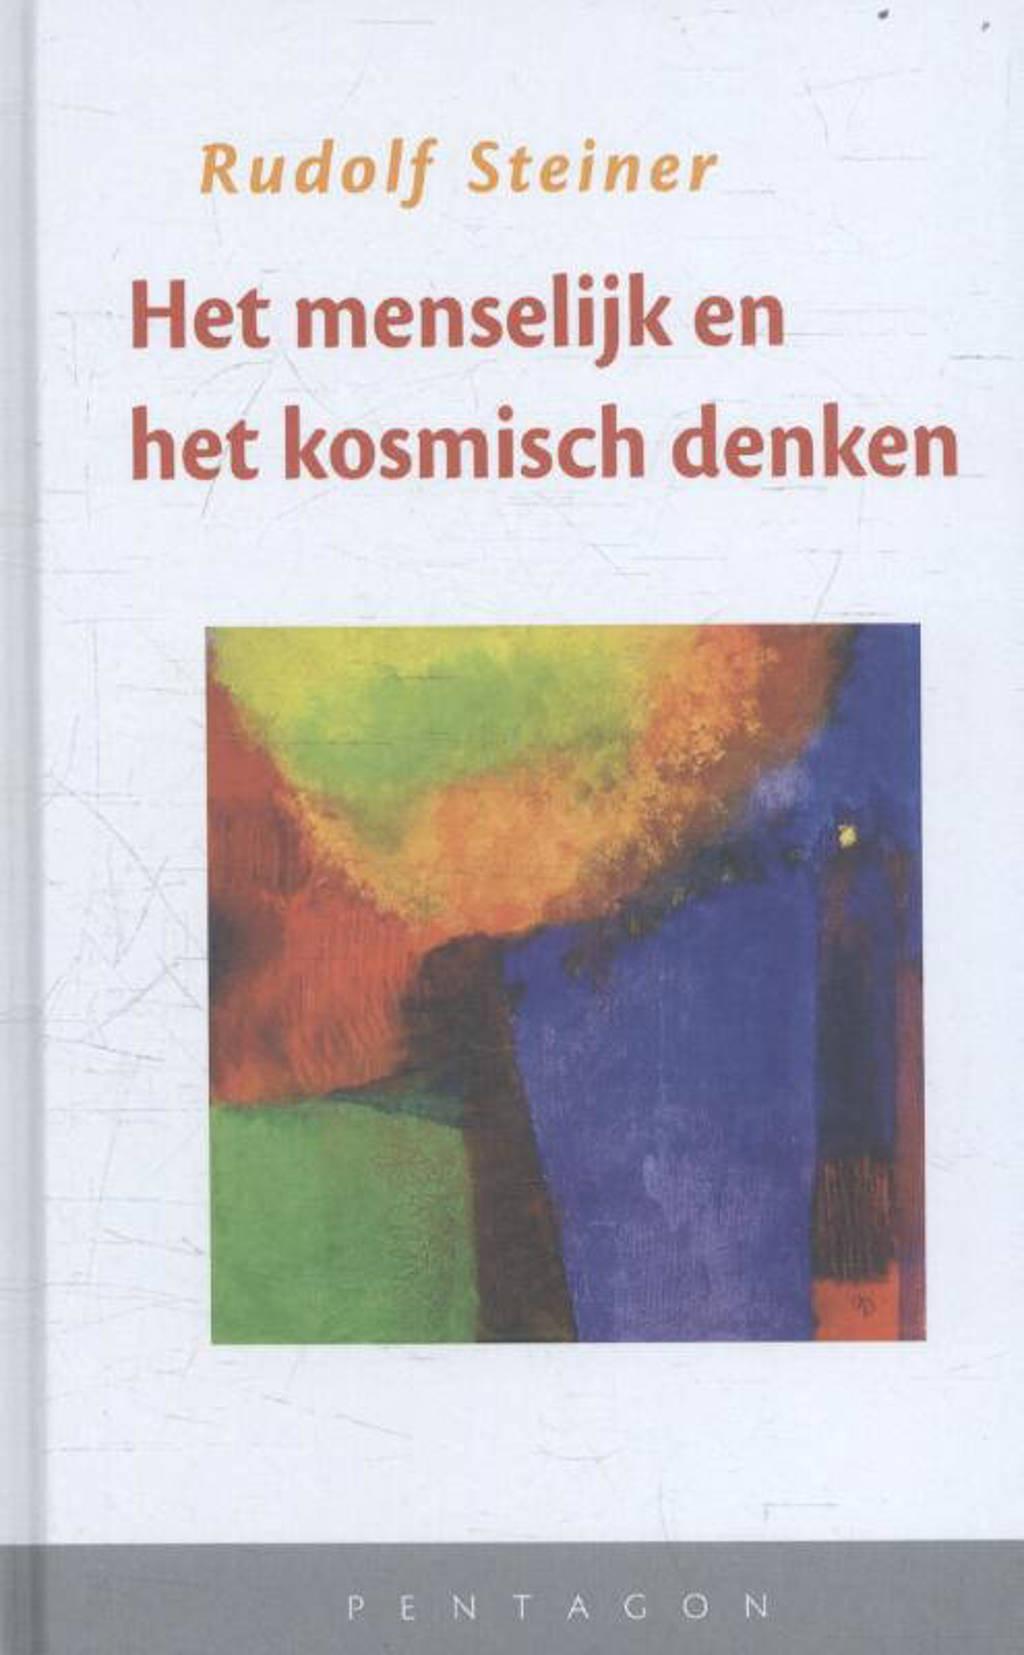 Het menselijk en het kosmisch denken - Rudolf Steiner